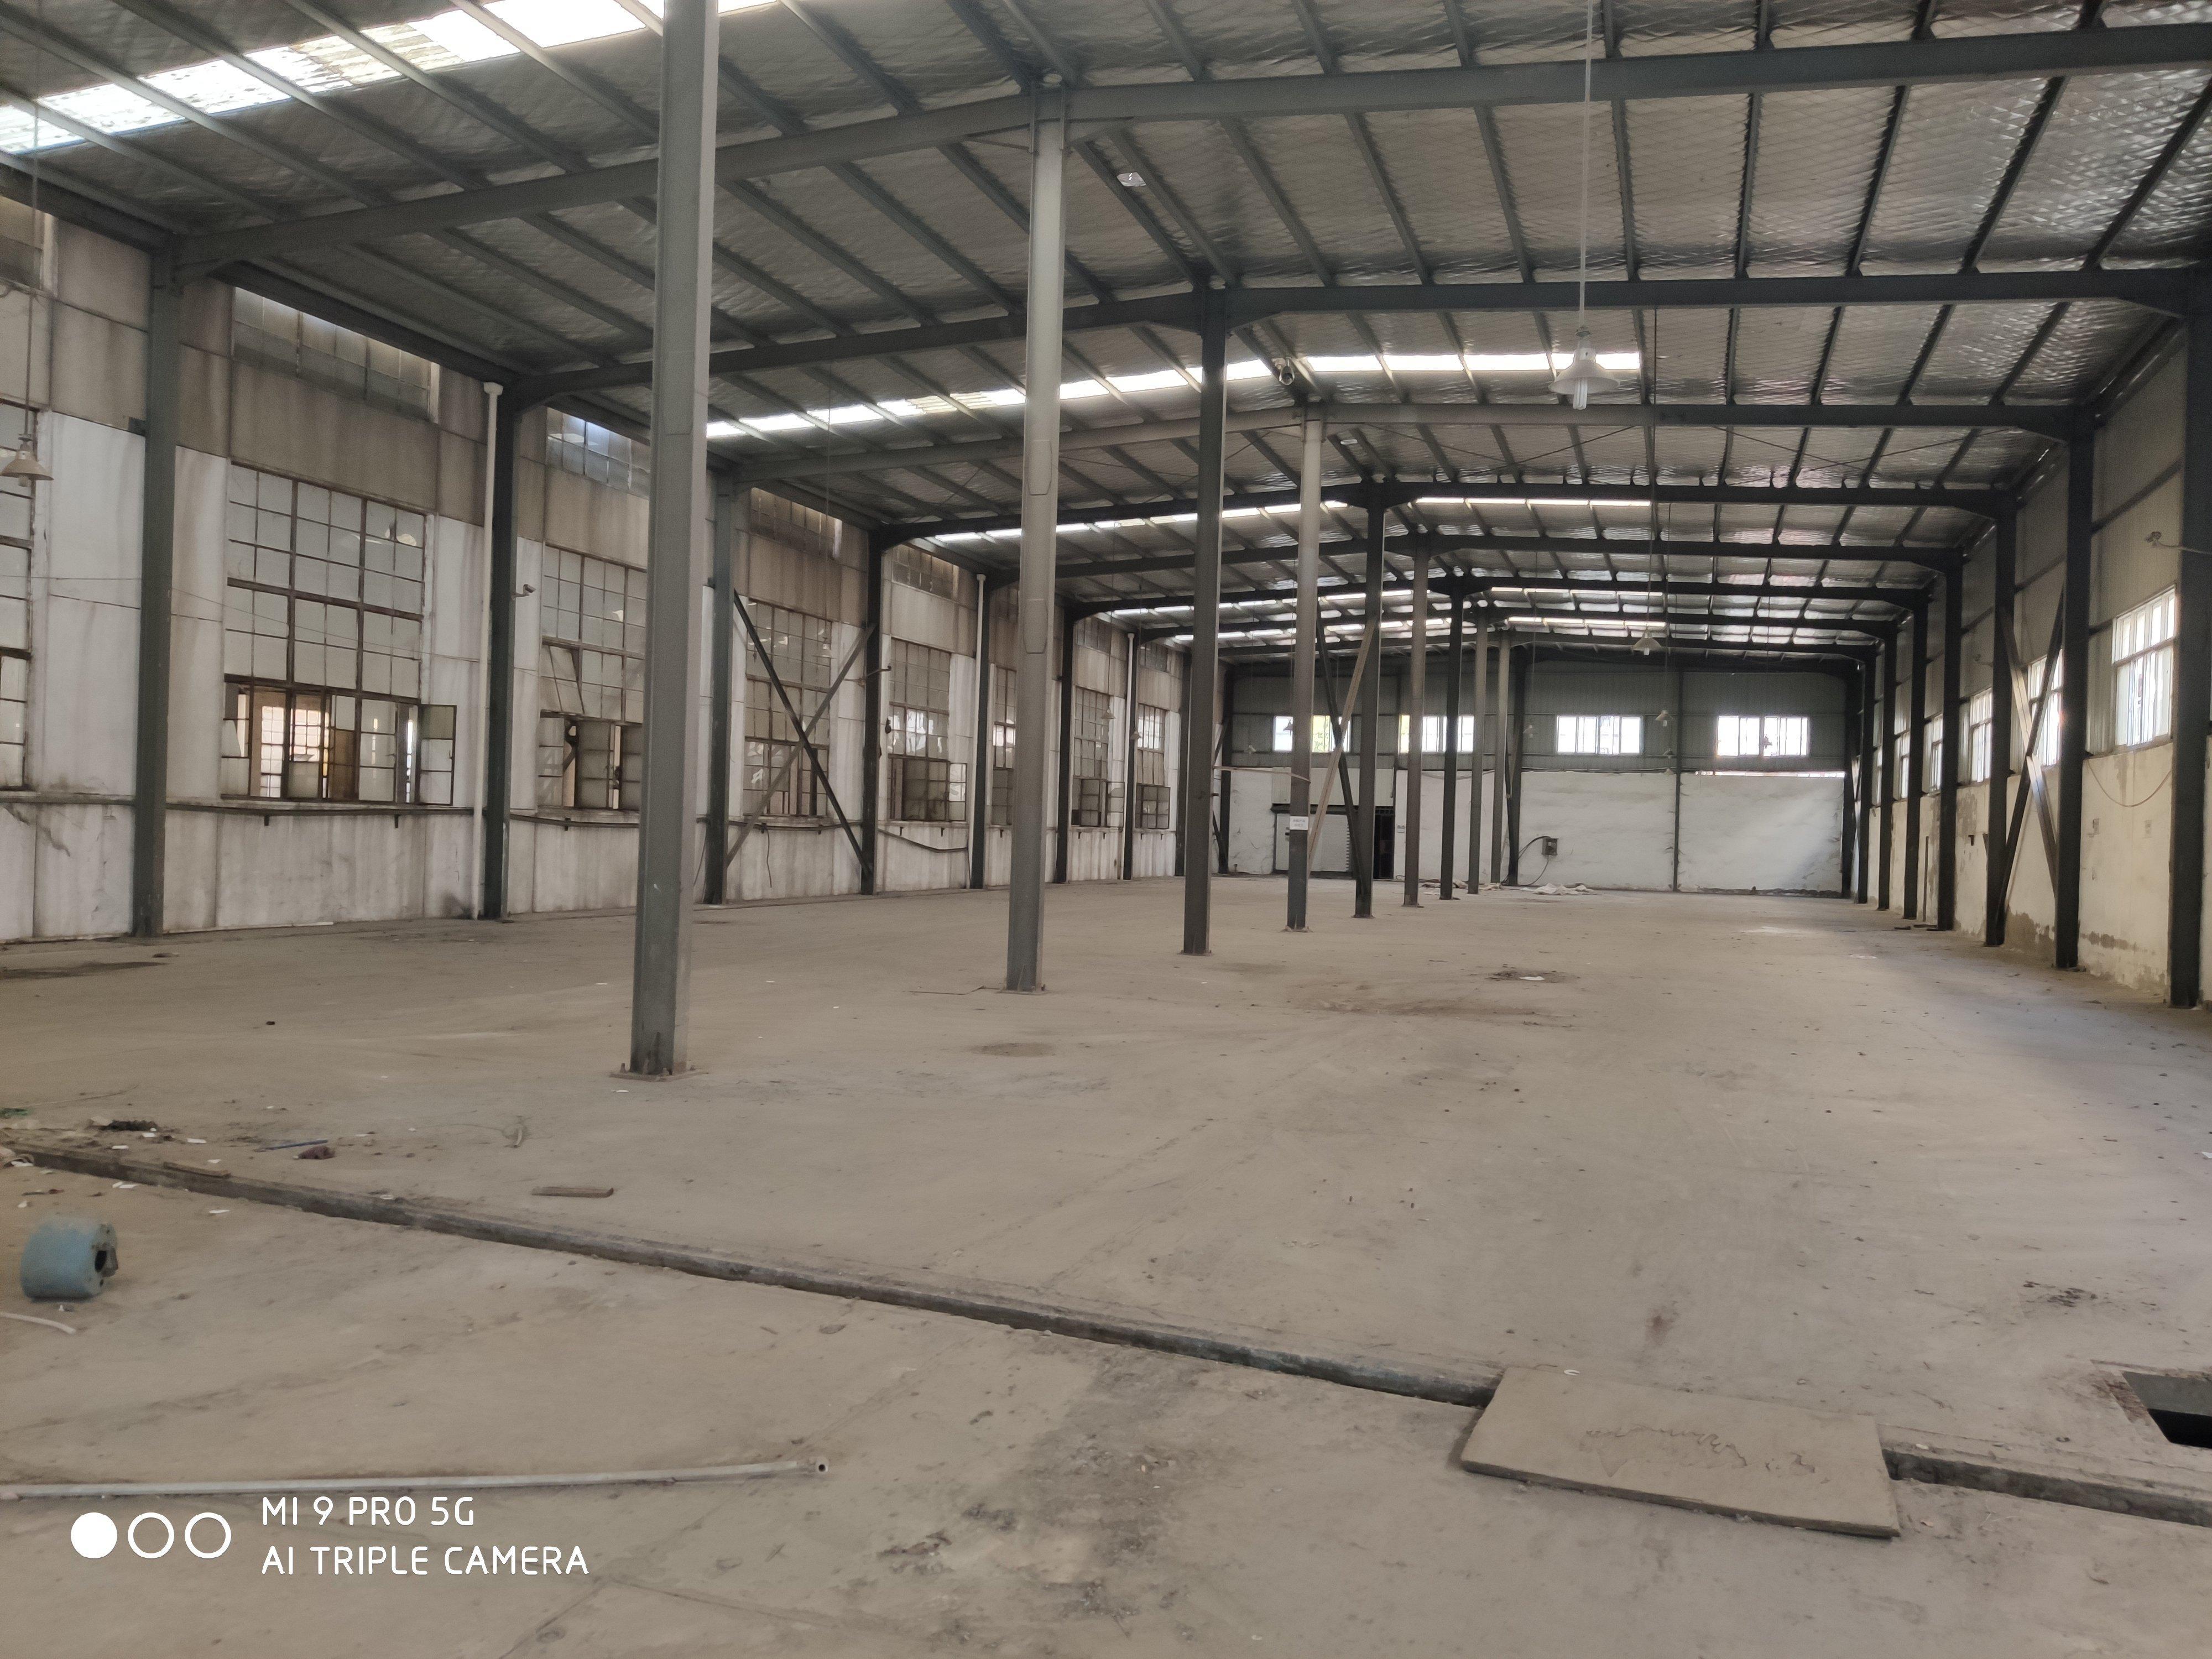 盘龙城钢构一楼3800平米可分租,高9米,羽毛球,蓝球均可-图3